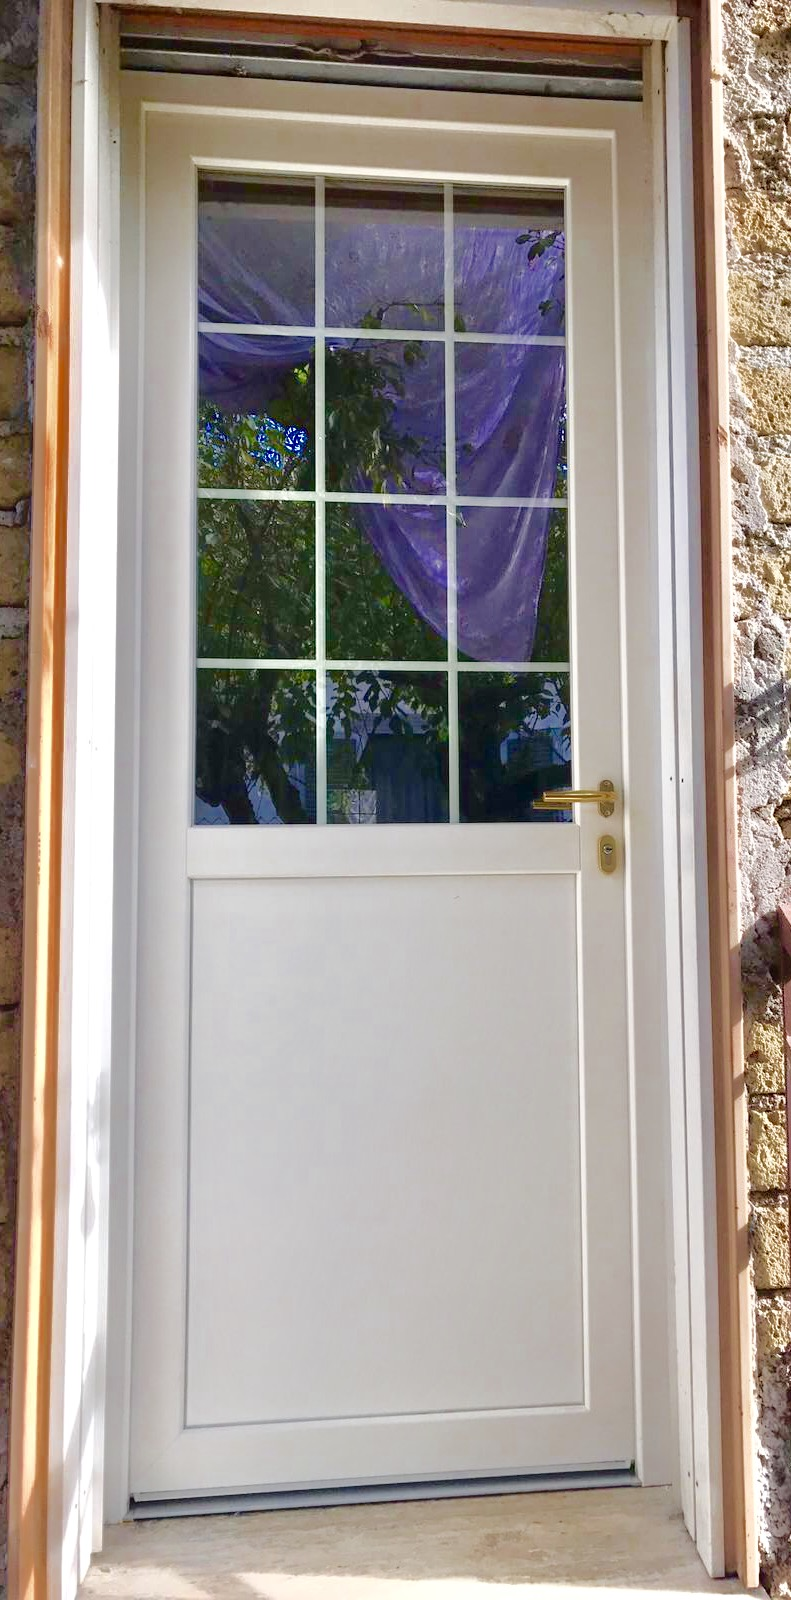 Finestre pvc produzione e vendita di infissi e finestre - Finestre in legno gia pronte ...